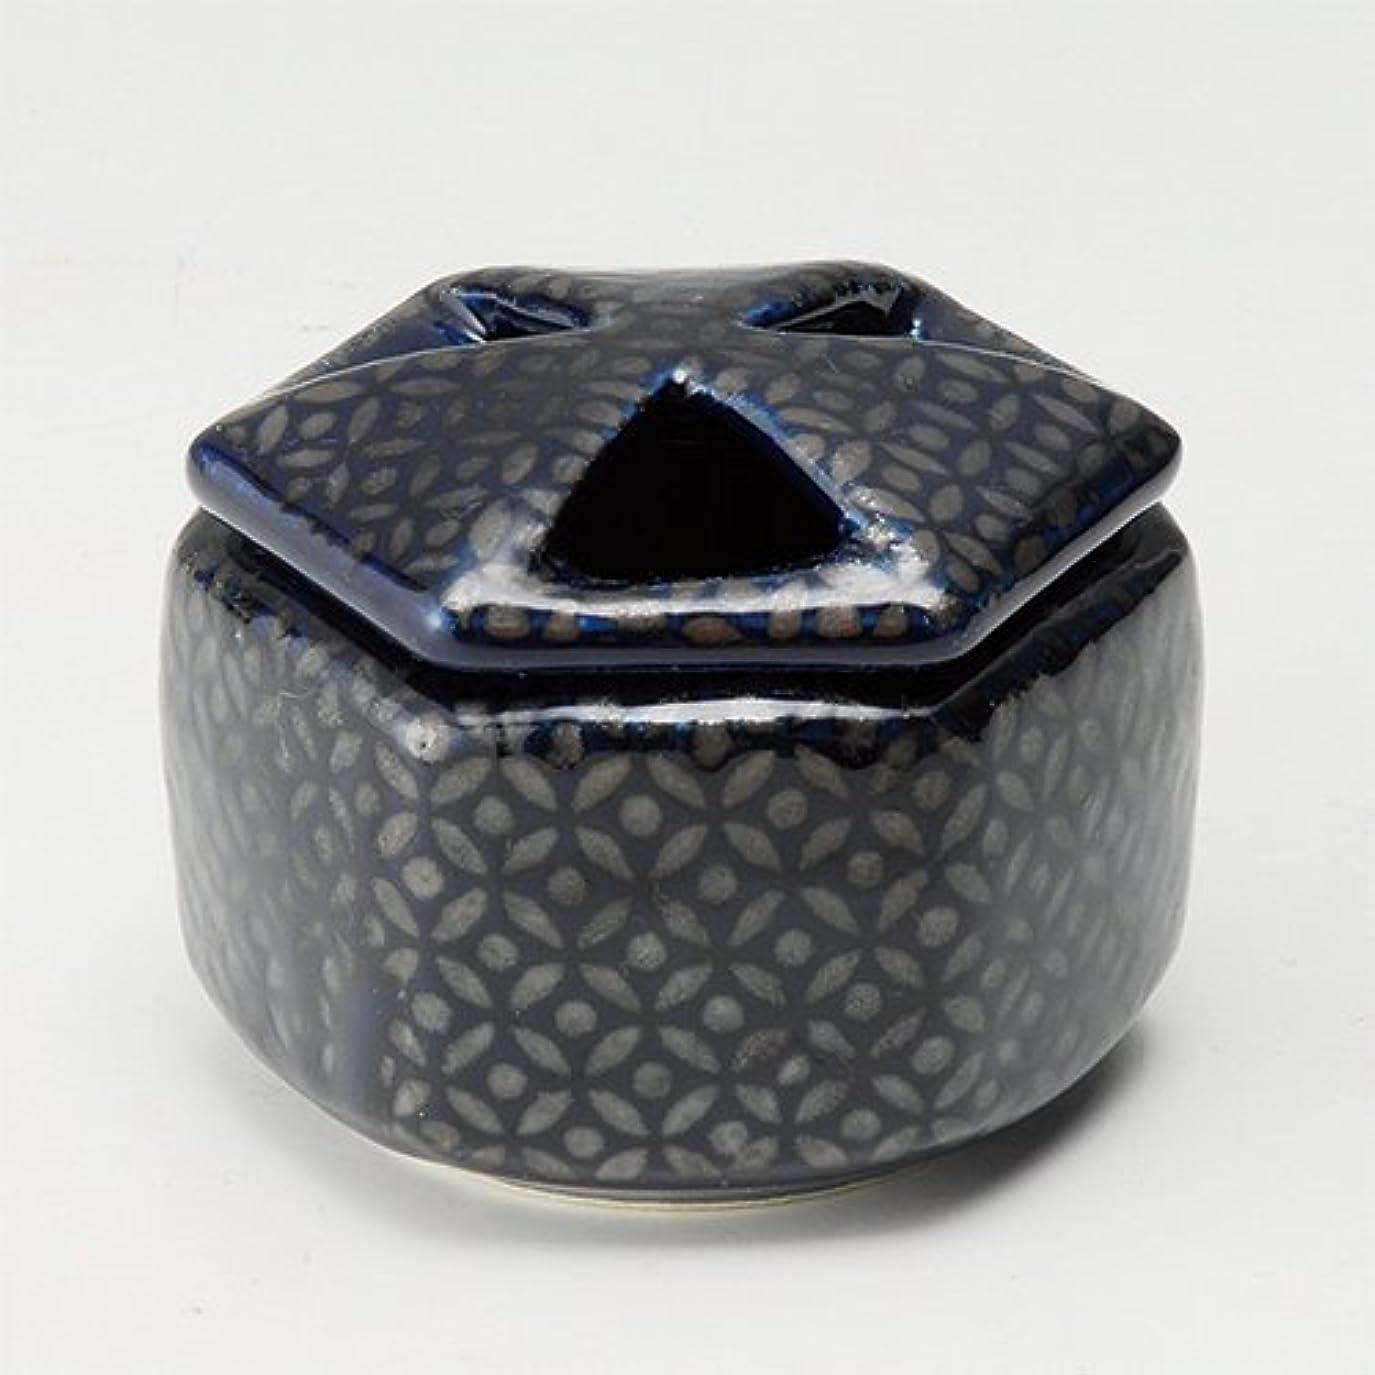 カンガルー攻撃下る香炉 瑠璃七宝 六角香炉 [R8.8xH6.5cm] プレゼント ギフト 和食器 かわいい インテリア